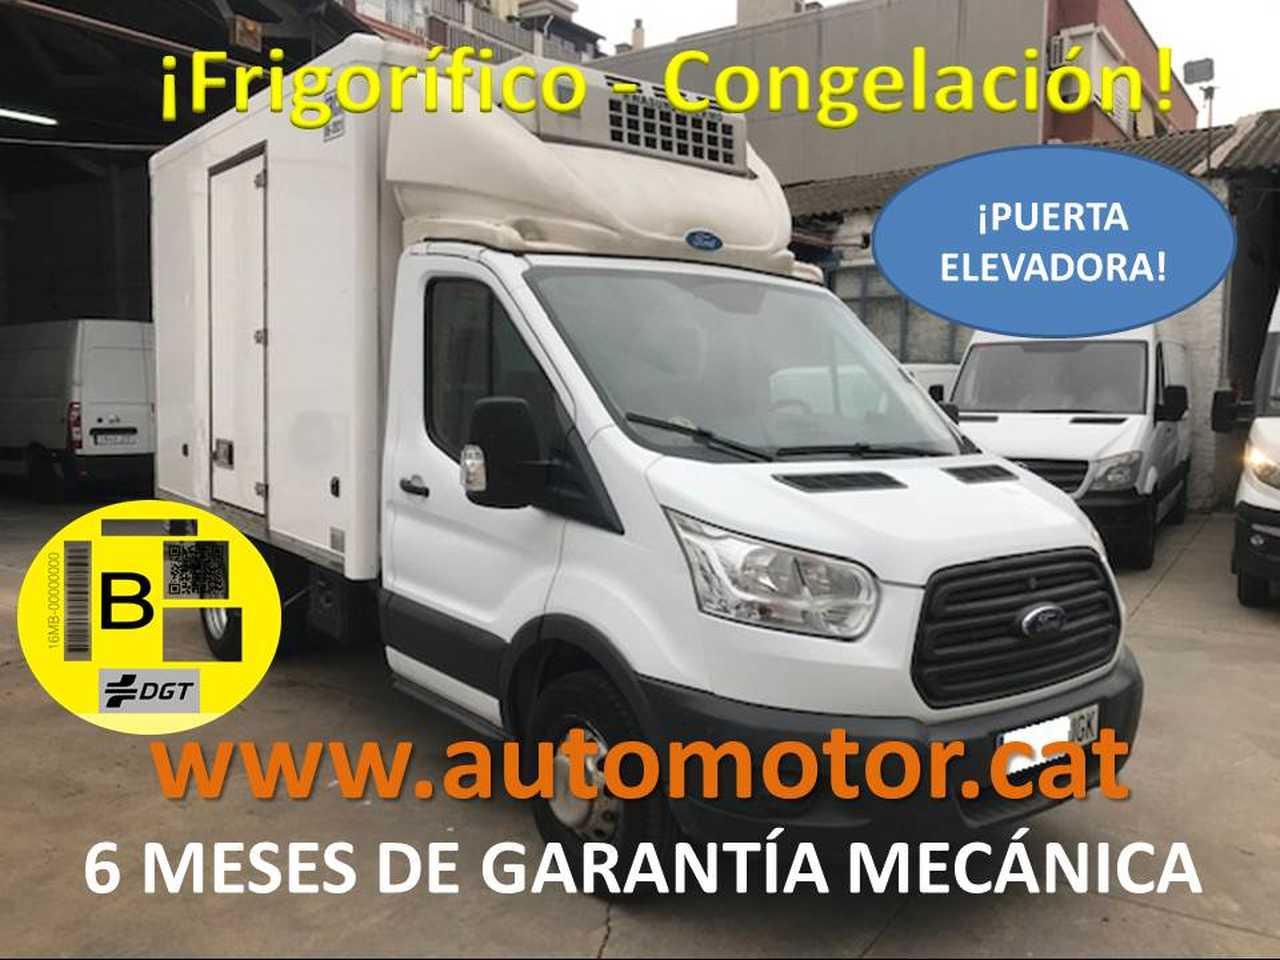 Ford Transit FT 350 L2 Van Trend Tracción Trasera 155 - GARANTIA MECANICA  - Foto 1